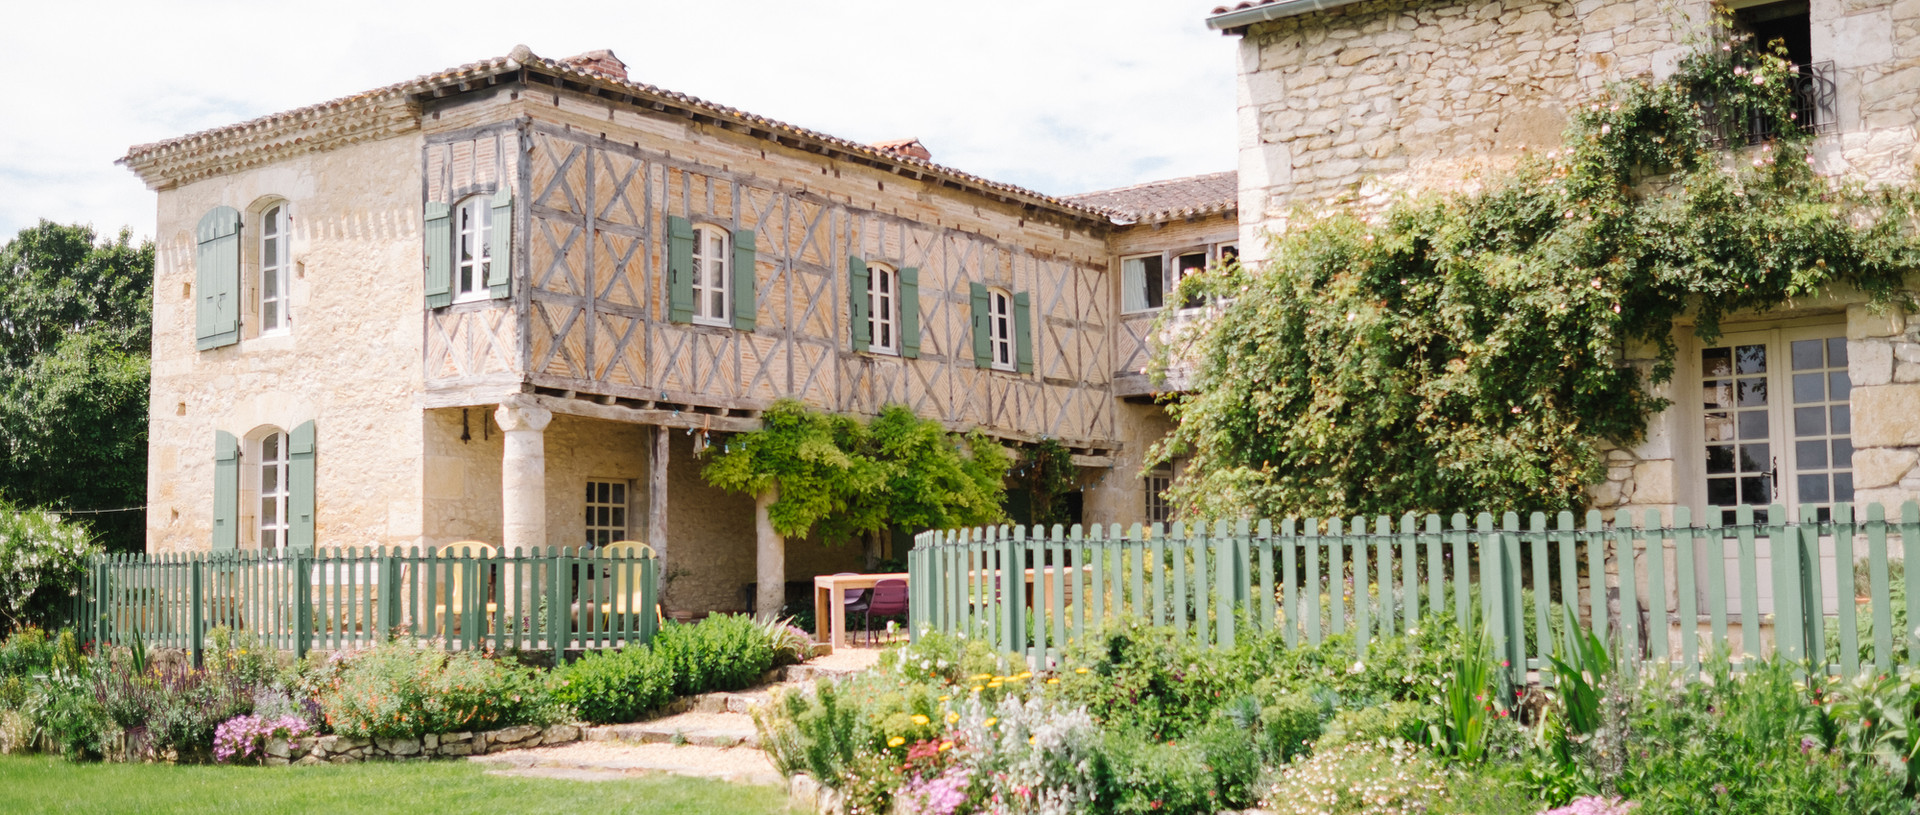 Beautiful Chateau Toulouse